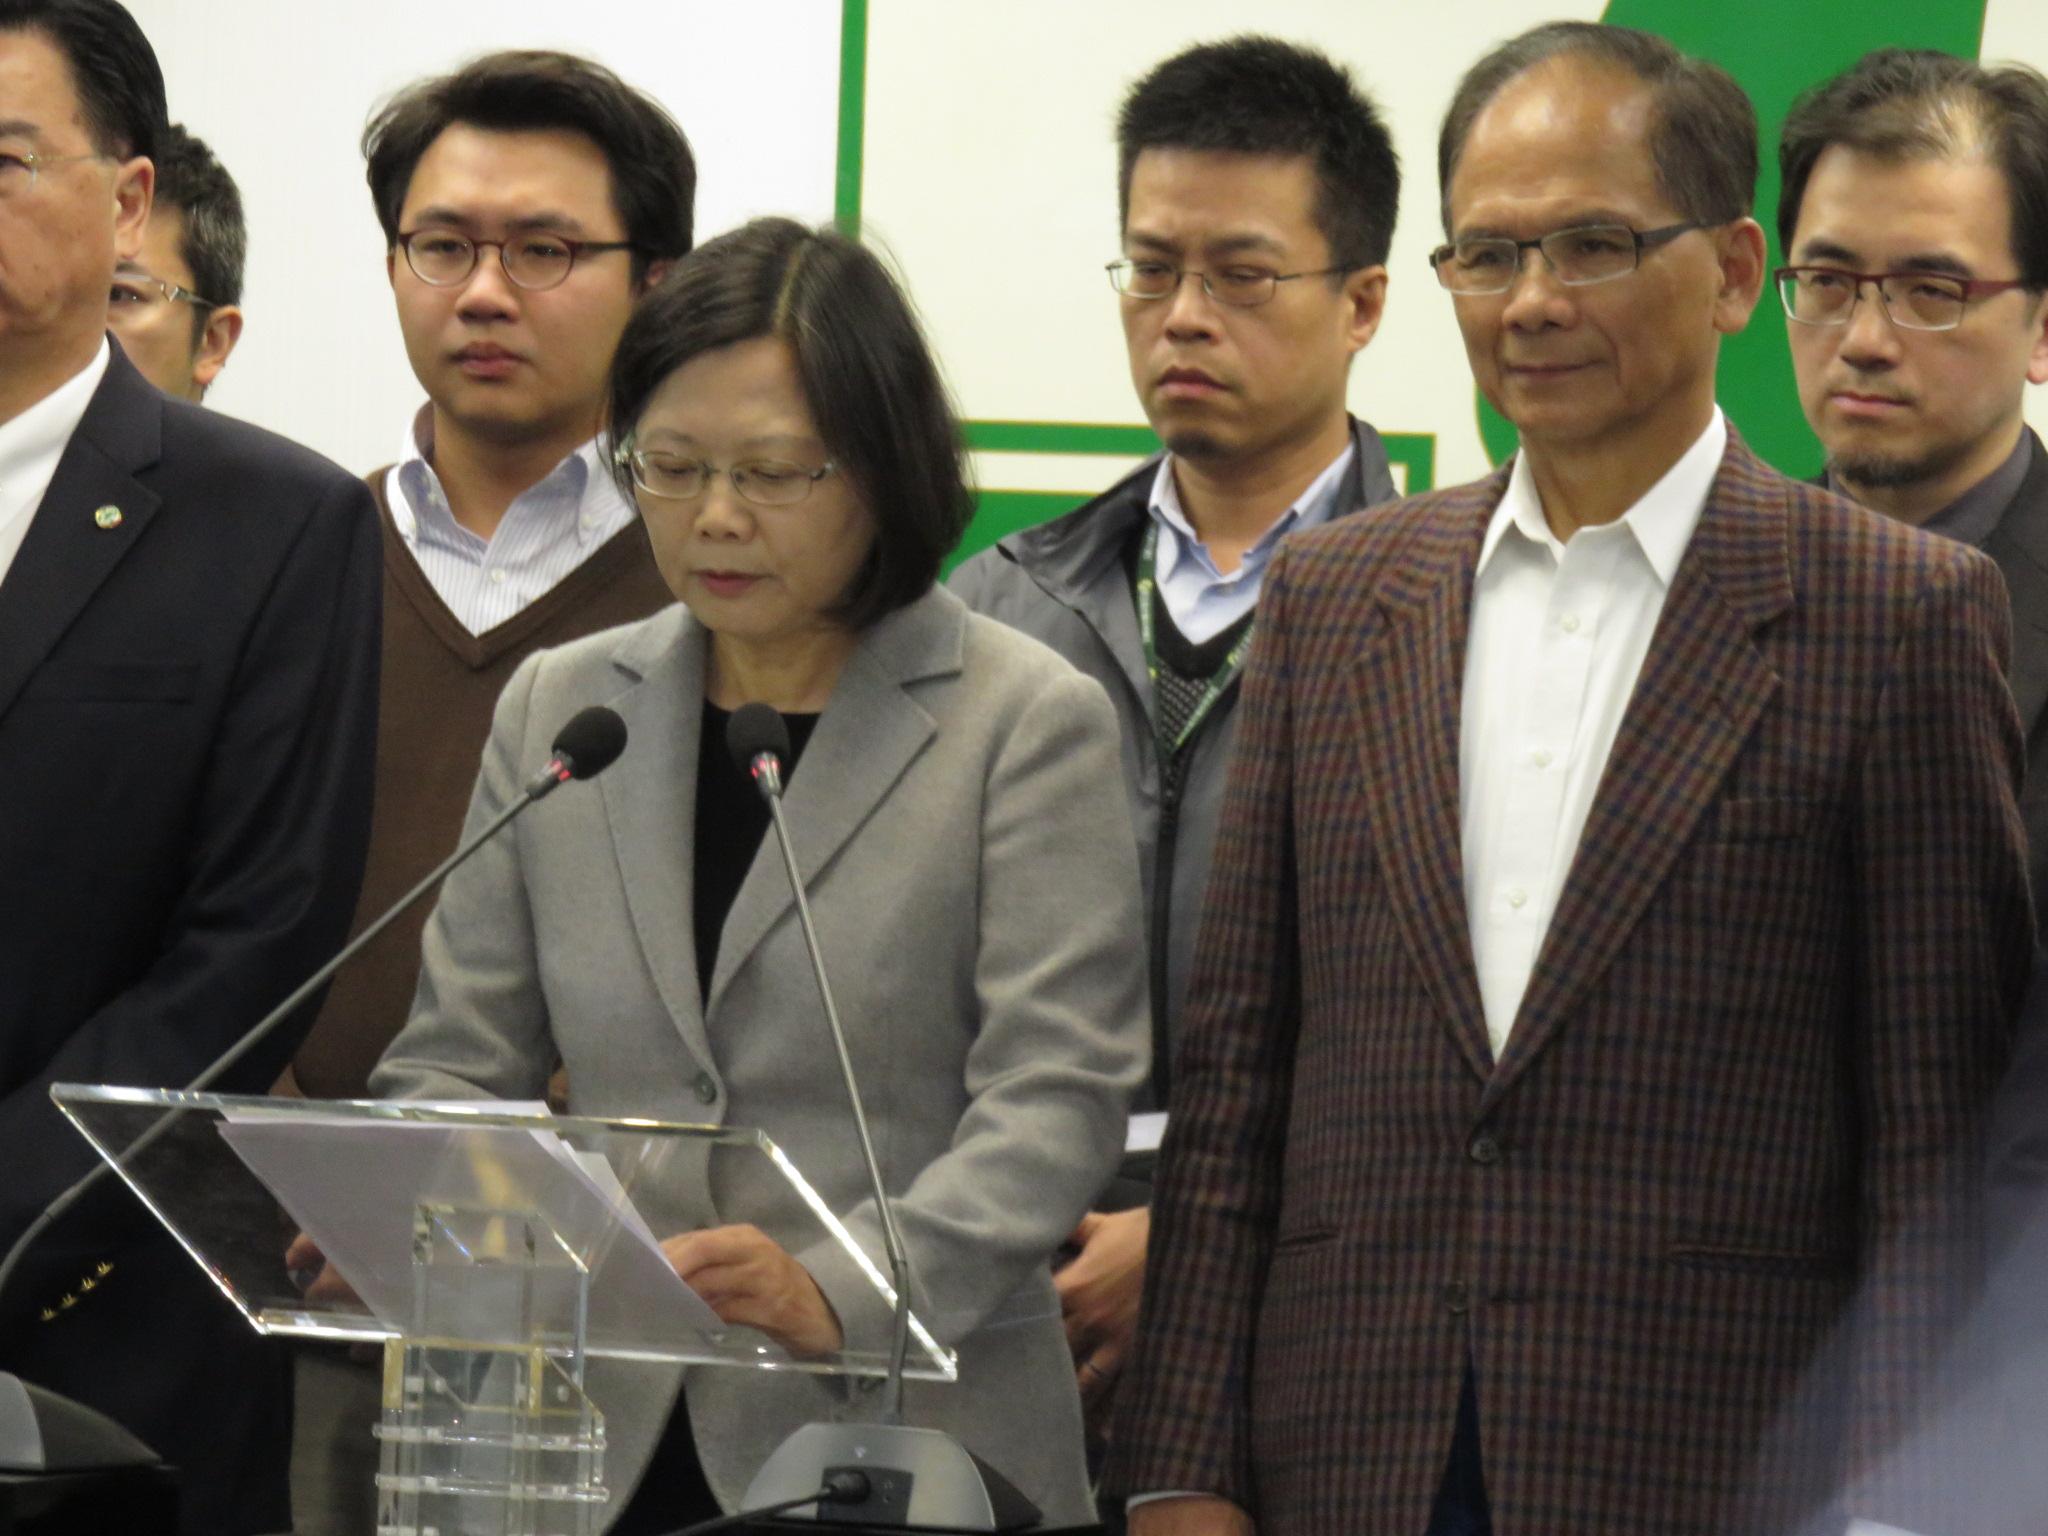 台南議長跑票  民進黨開除五位議員